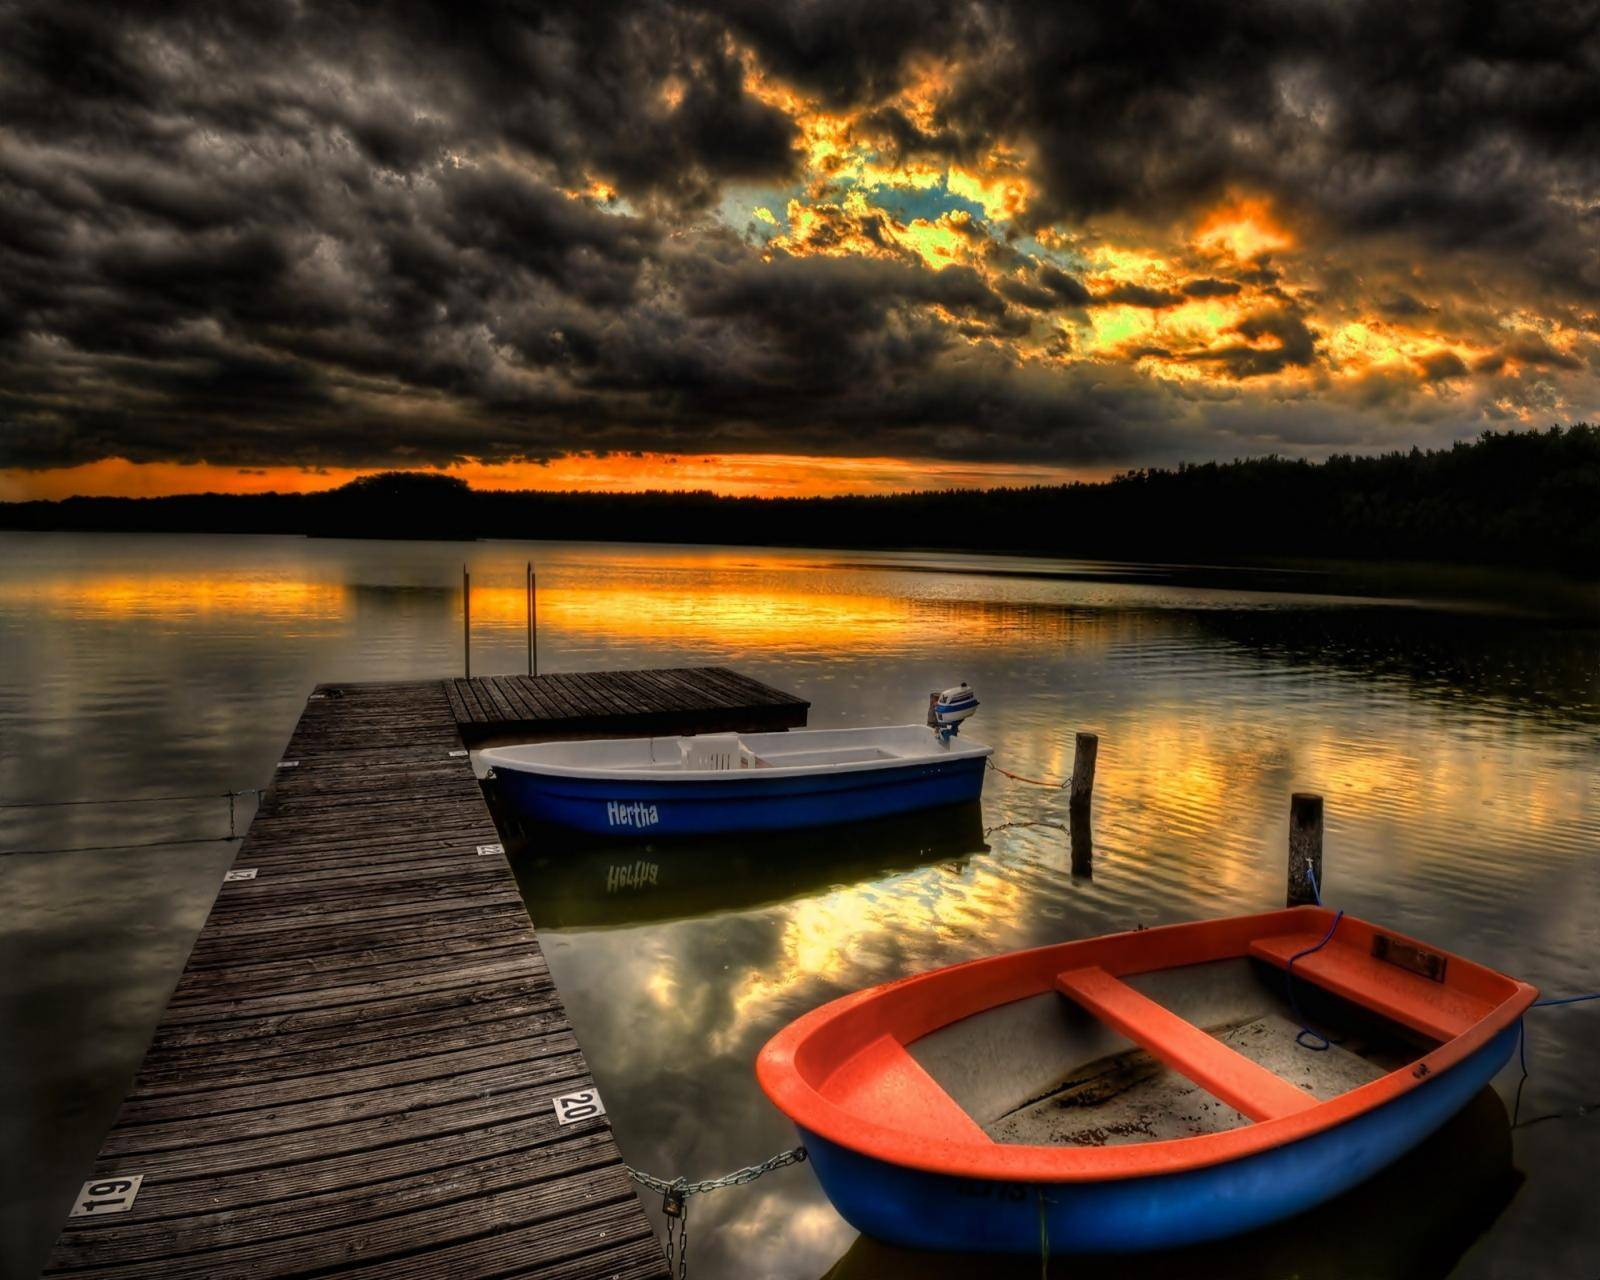 Pier Boats